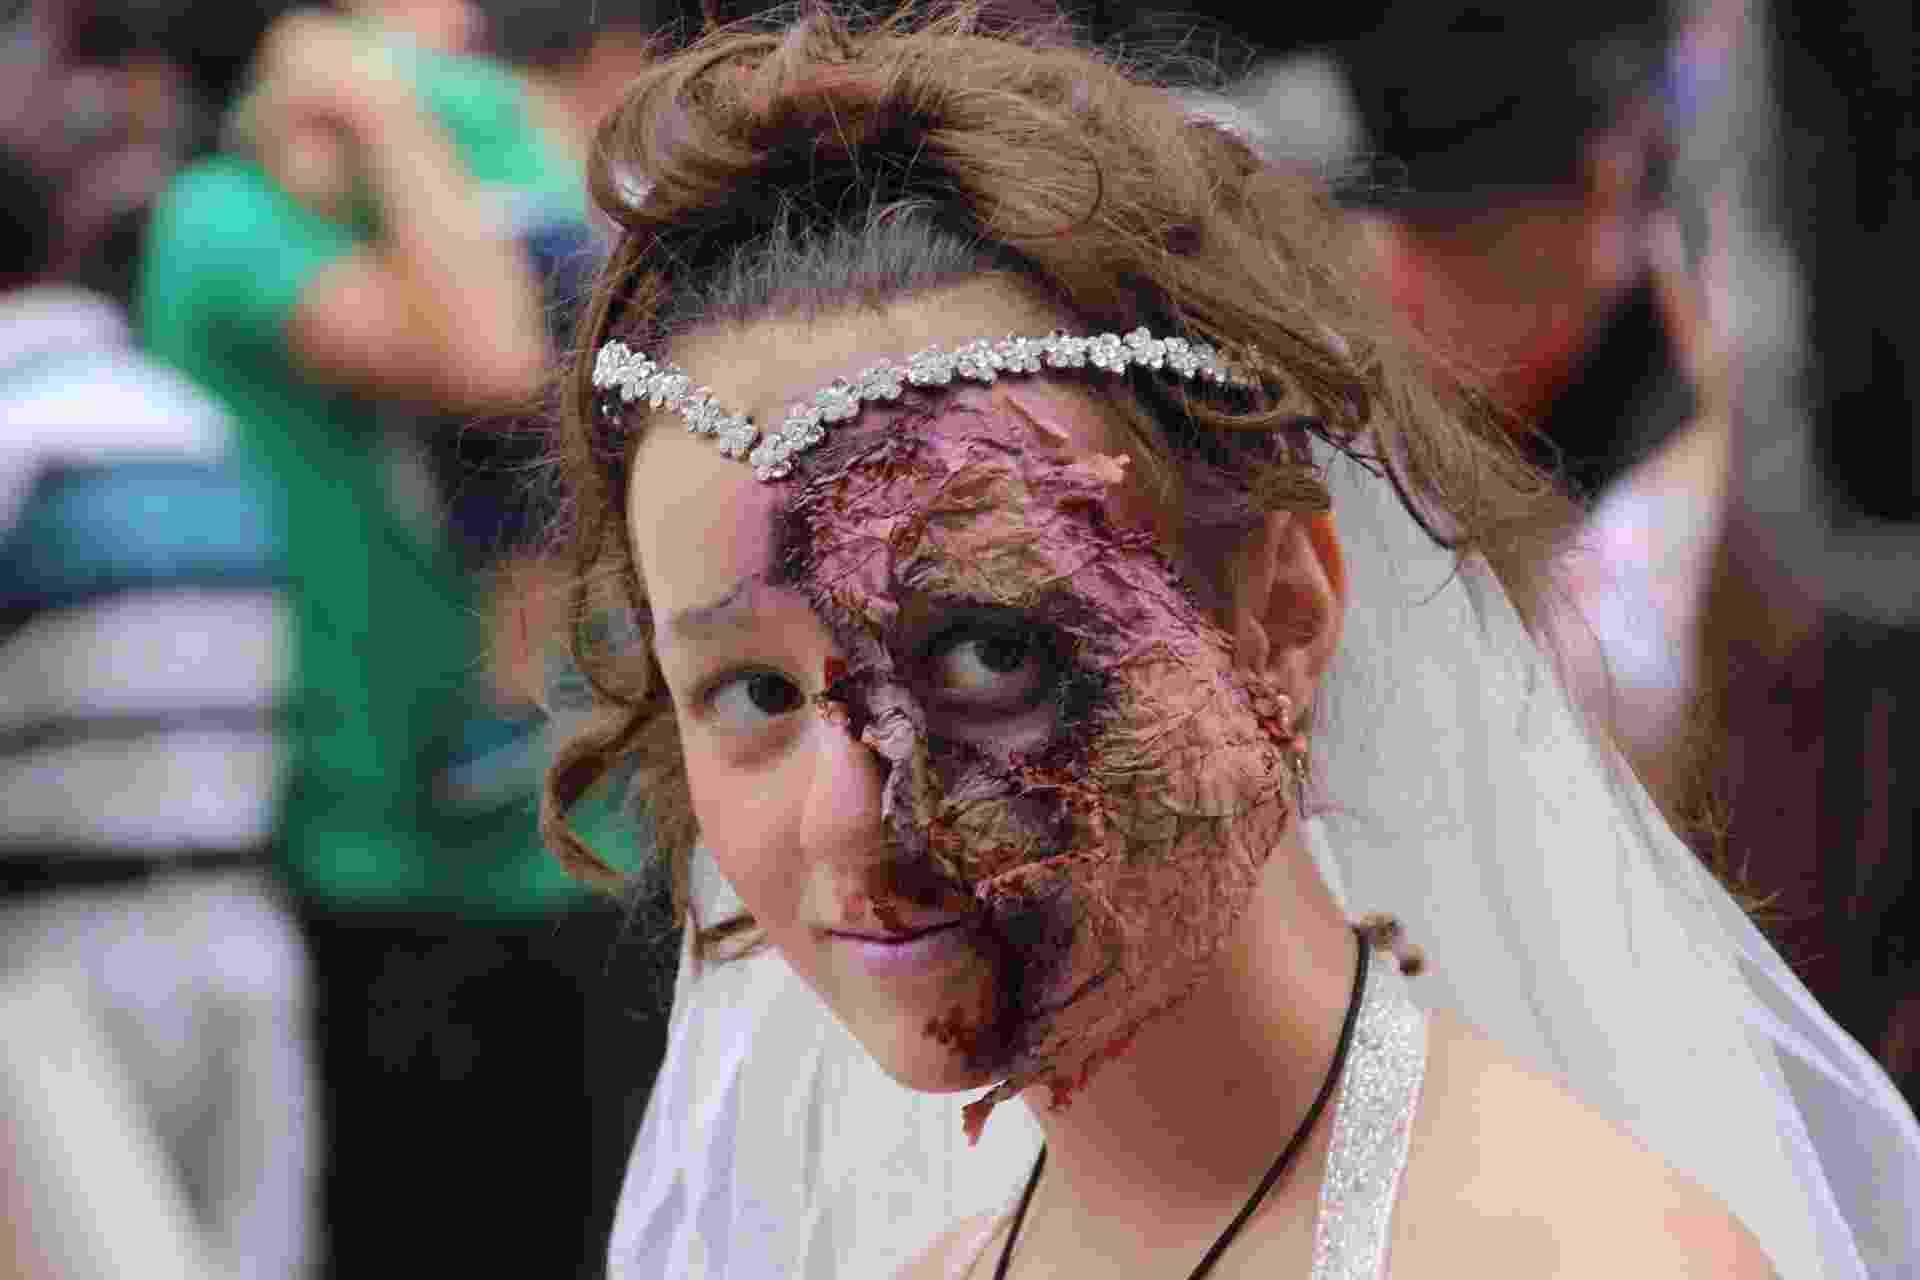 26.fev.2017 - Em meio aos festejos mais tradicionais do Carnaval, acontece neste domingo (26) mais uma edição da Zombie Walk, em Curitiba (PR). Mortos-vivos invadiram o centro da cidade e seguiram em desfile pelas ruas da região. Neste ano, o evento sofreu interferência da Prefeitura e chegou a ser cancelado por alguns dias devido a falta de autorização para ser realizado. O evento acontece no Carnaval desde 2009, segundo os organizadores - Jhansen Machado/Futura Press/Estadão Conteúdo